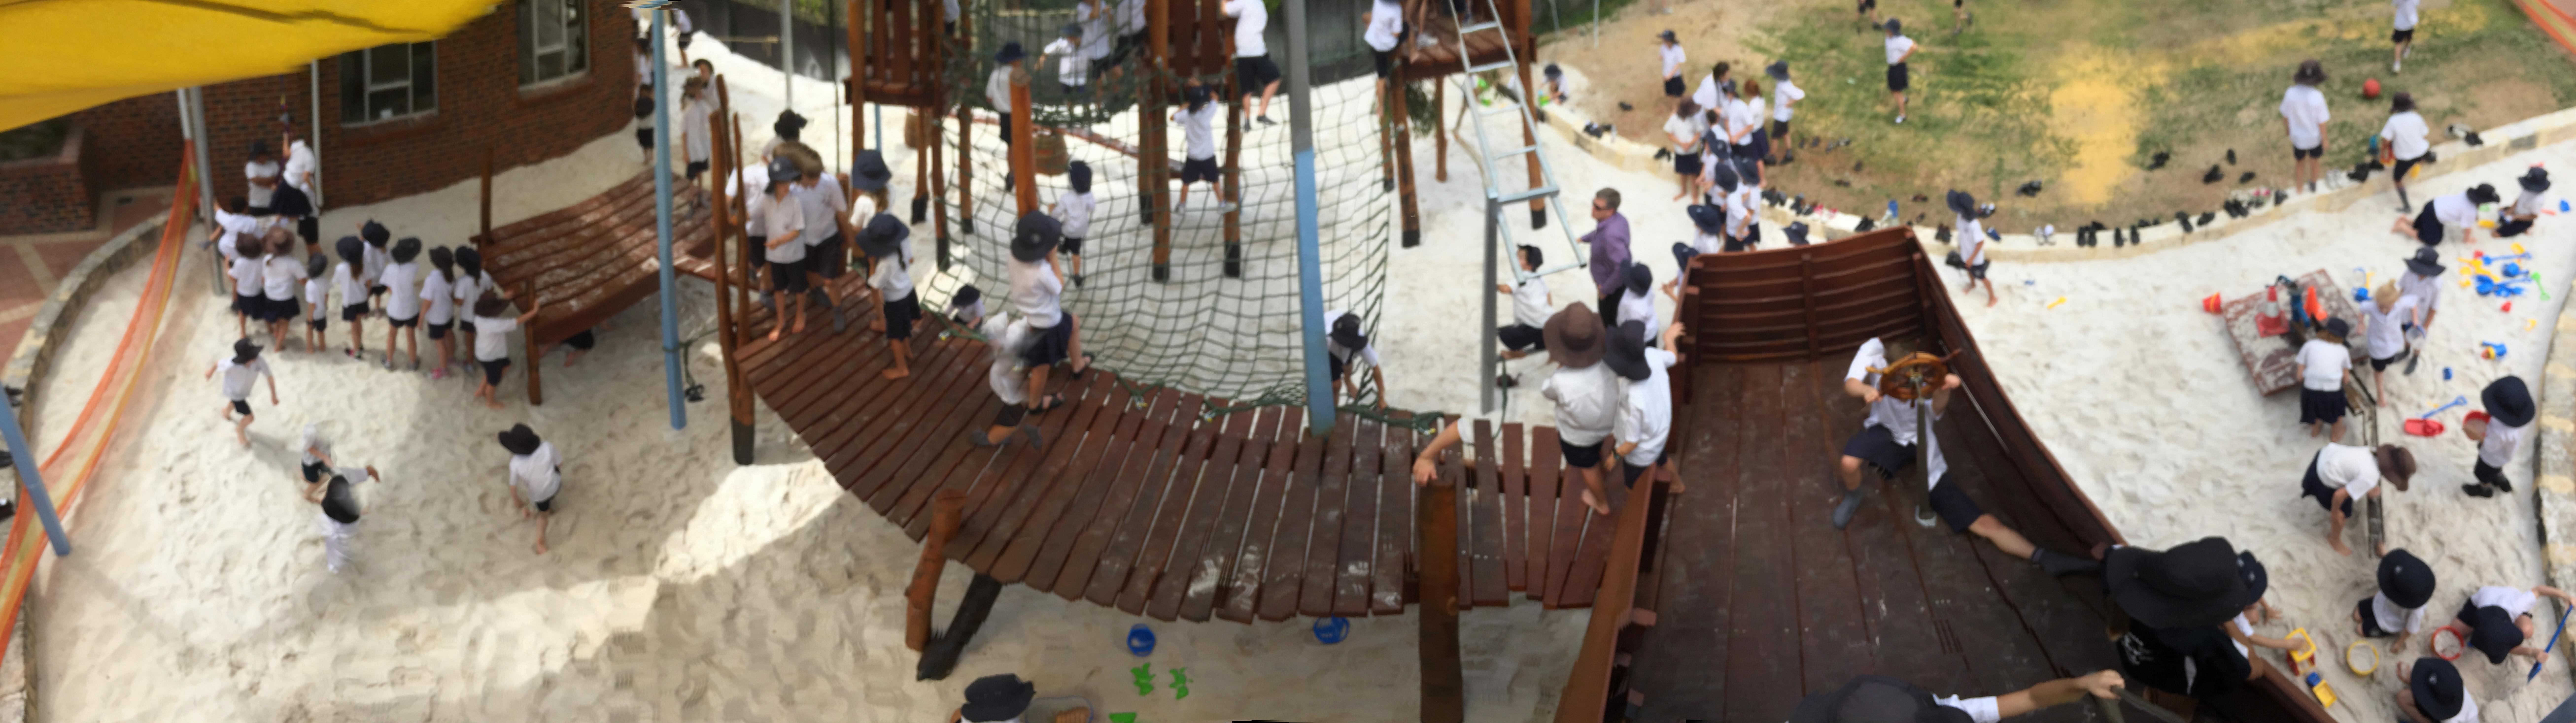 Playground Pano 2